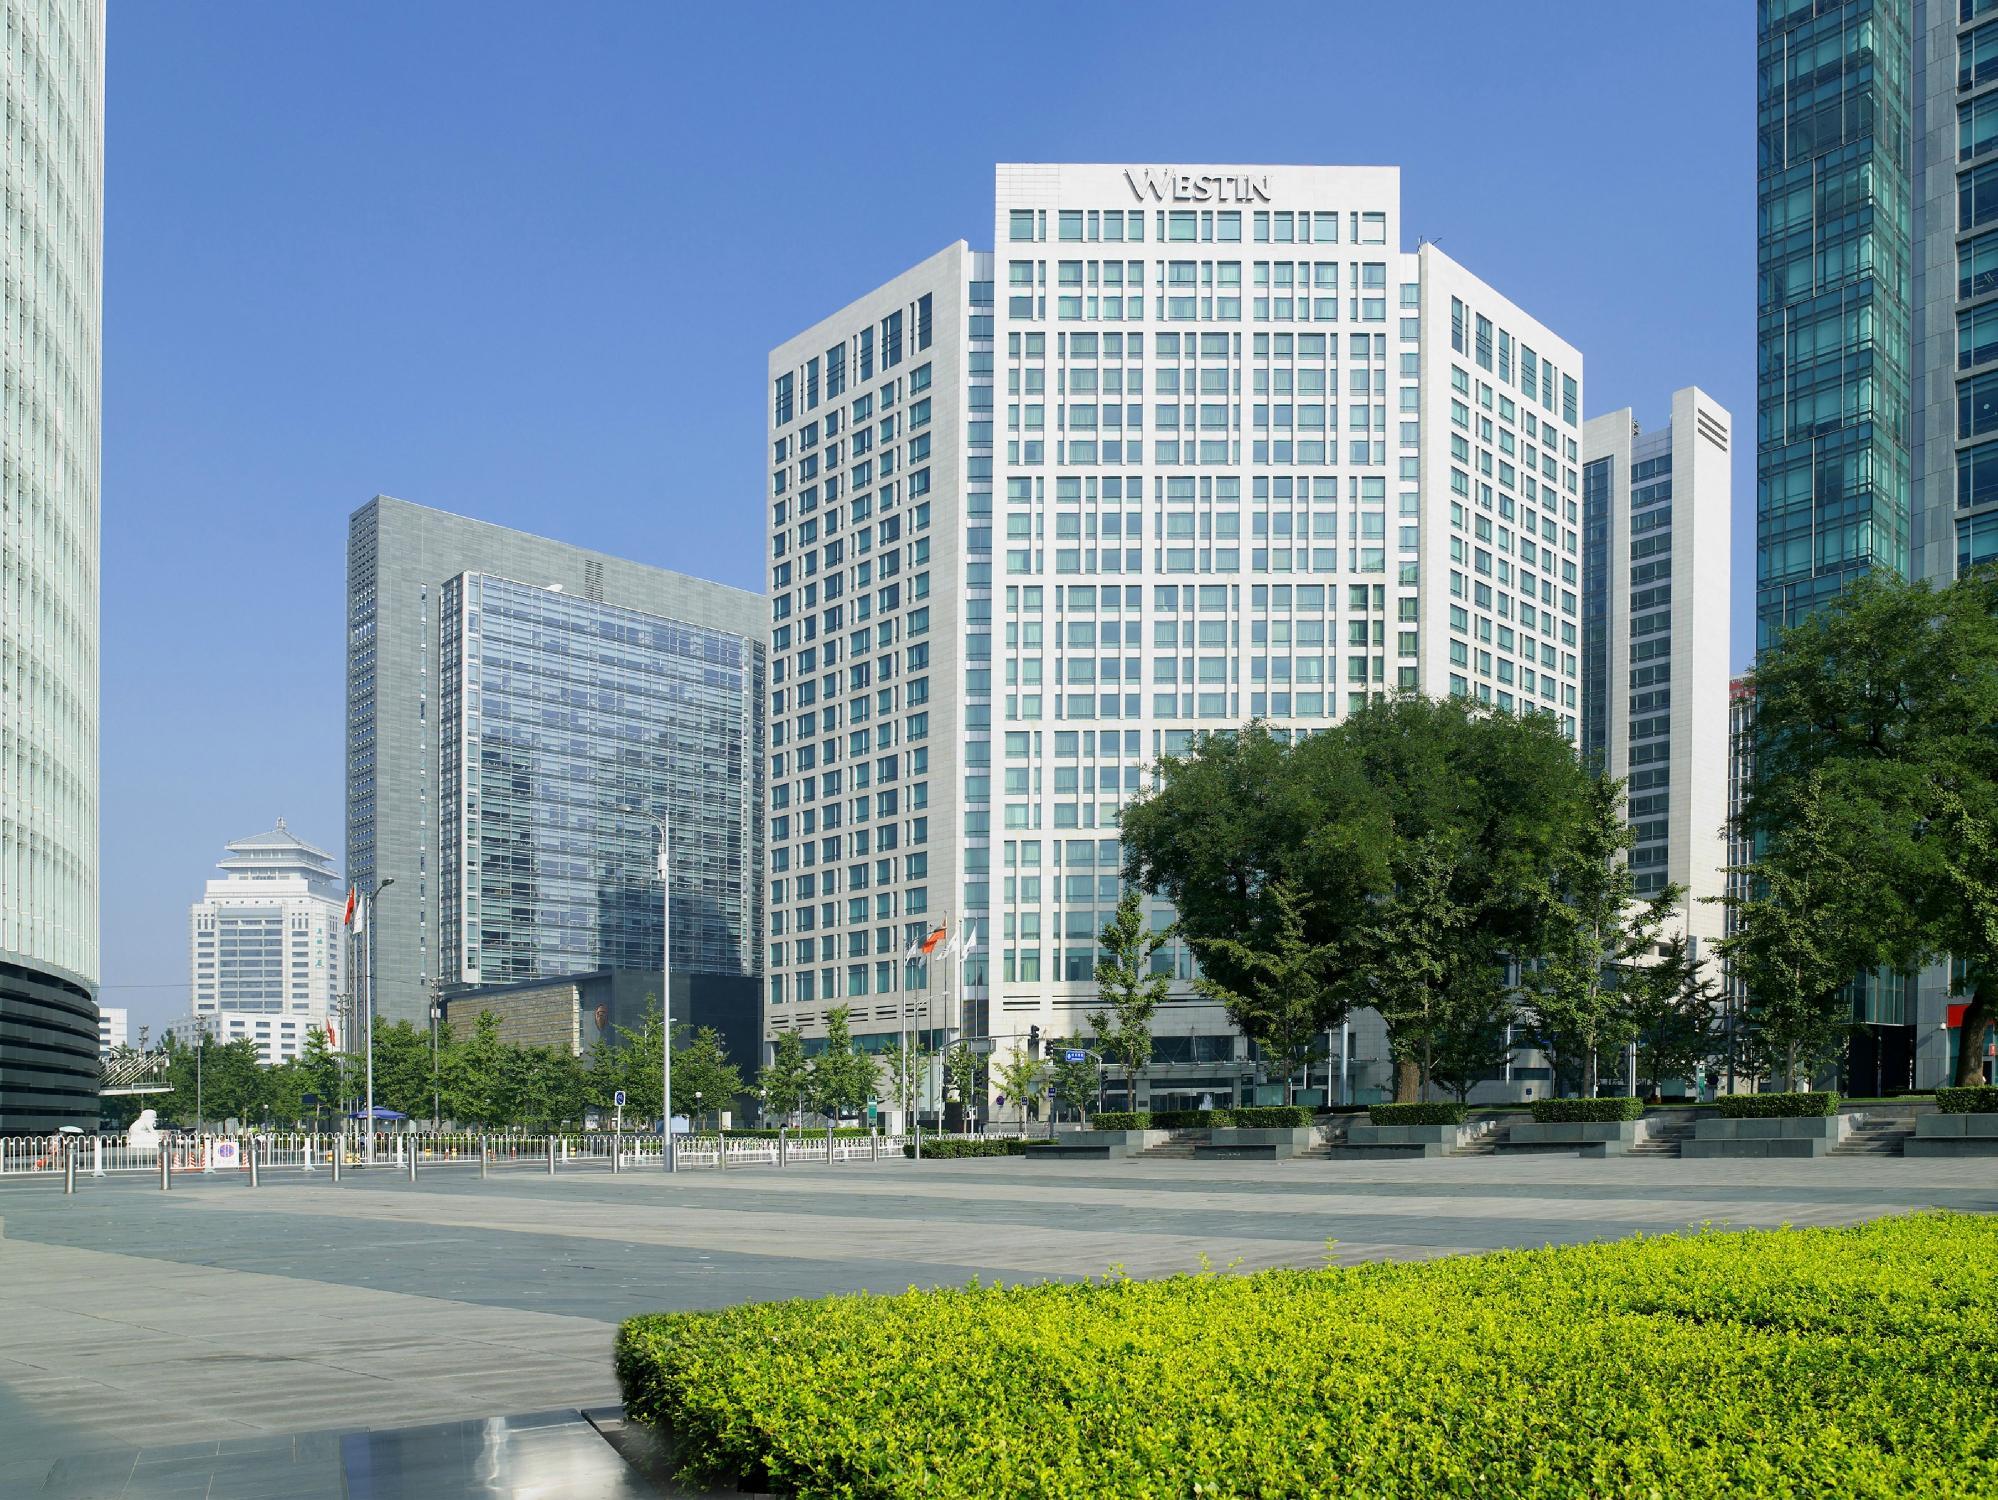 معرفی هتل وستین شهر پکن